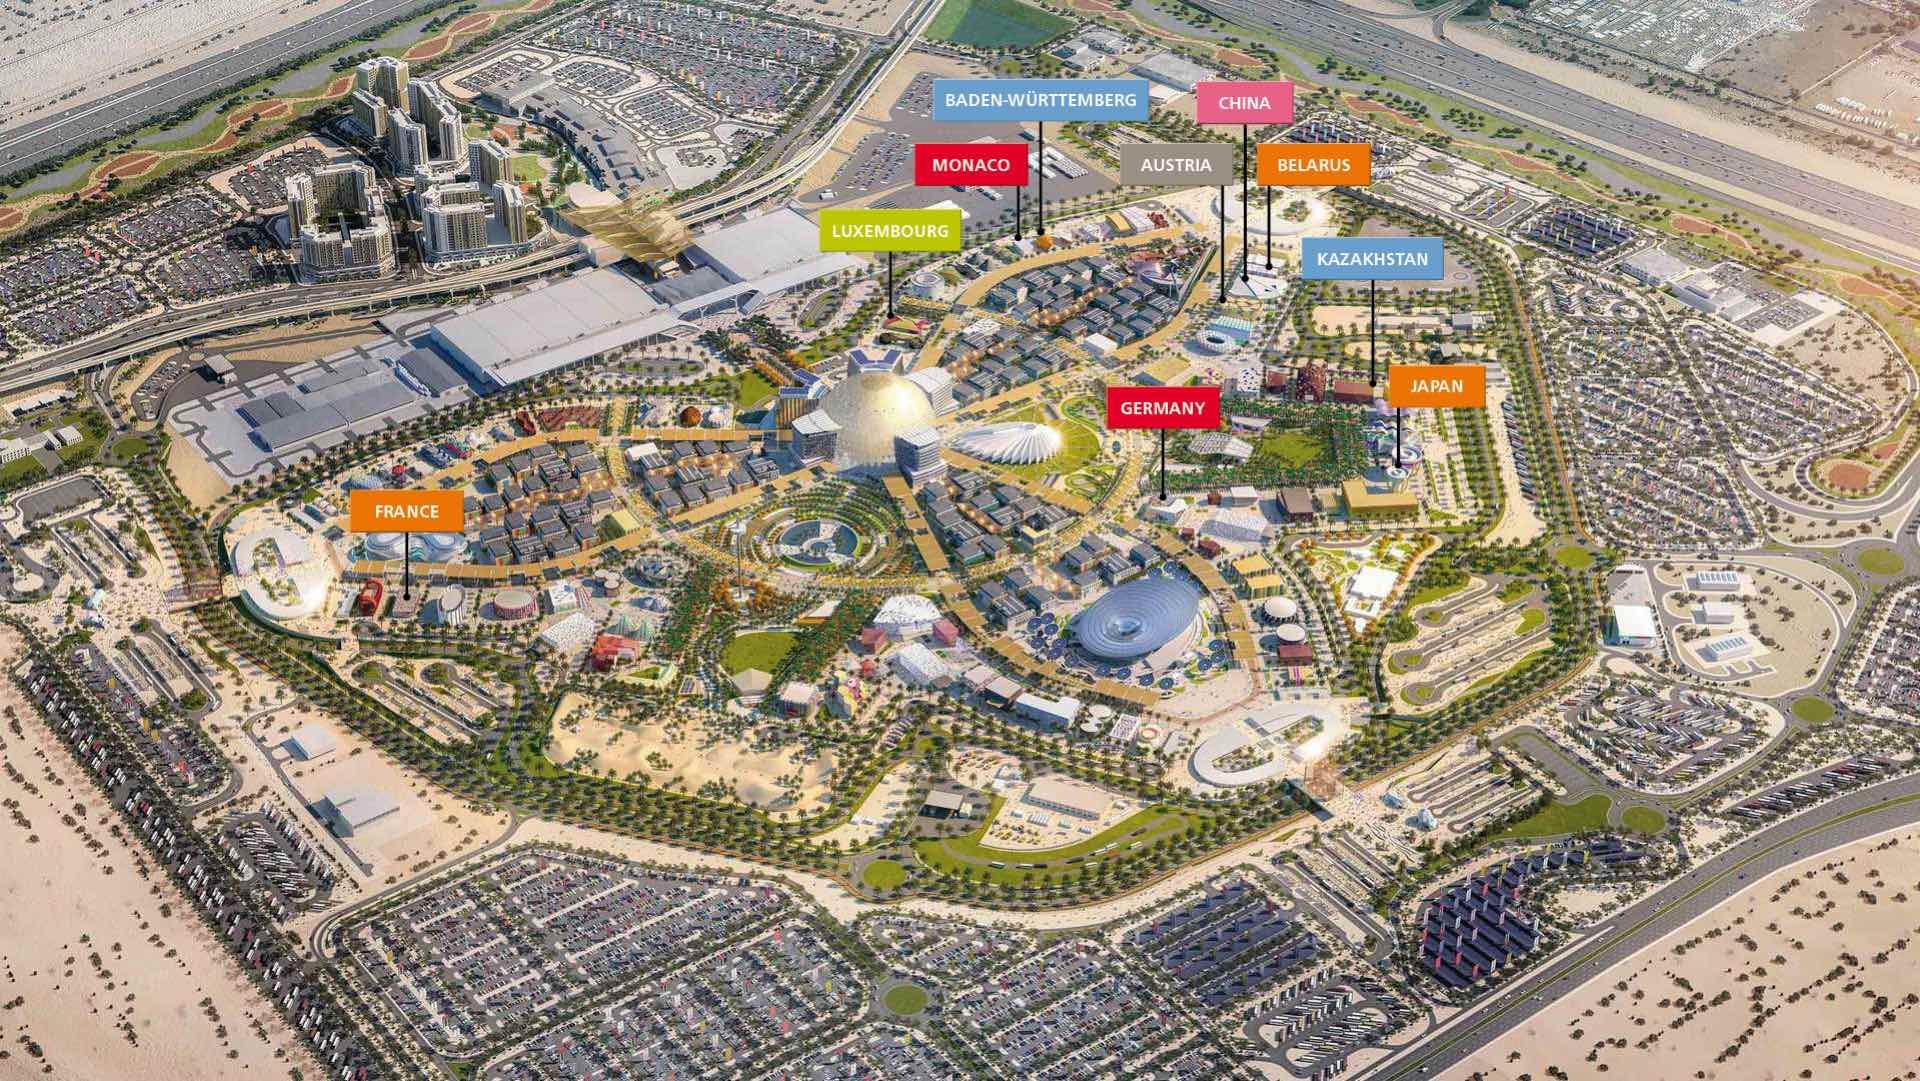 Nüssli bringt zehn Expo Pavillons auf Kurs